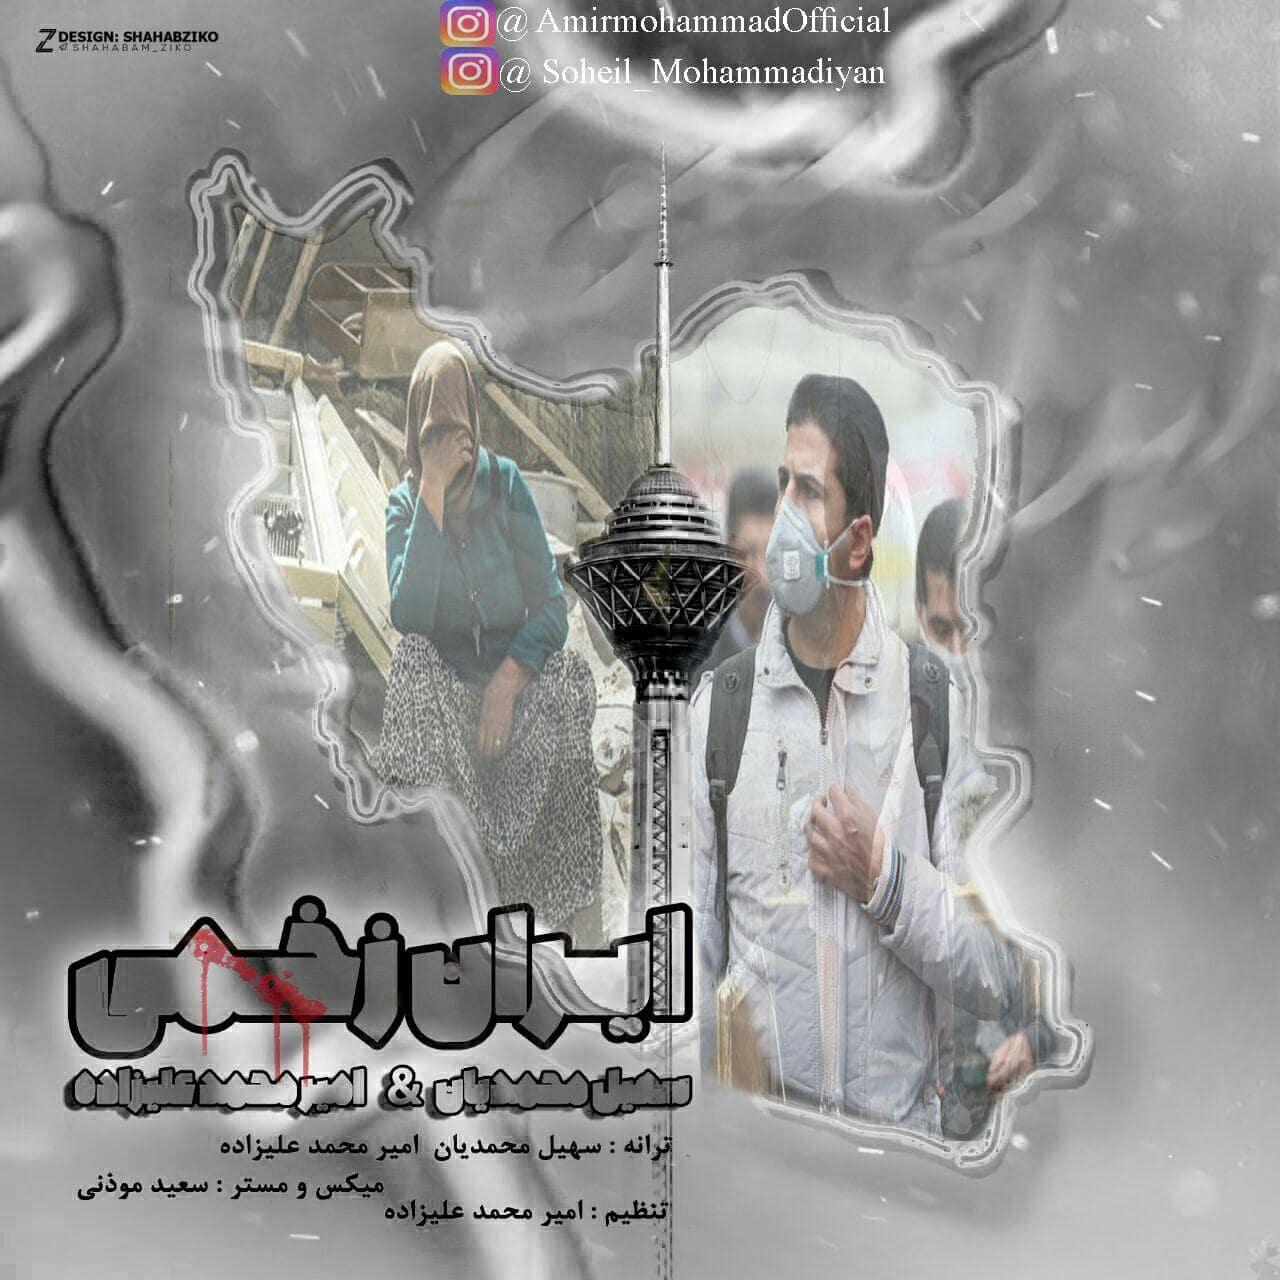 دانلود آهنگ جدید سهیل محمدیان و امیرمحمد علیزاده ایران زخمی